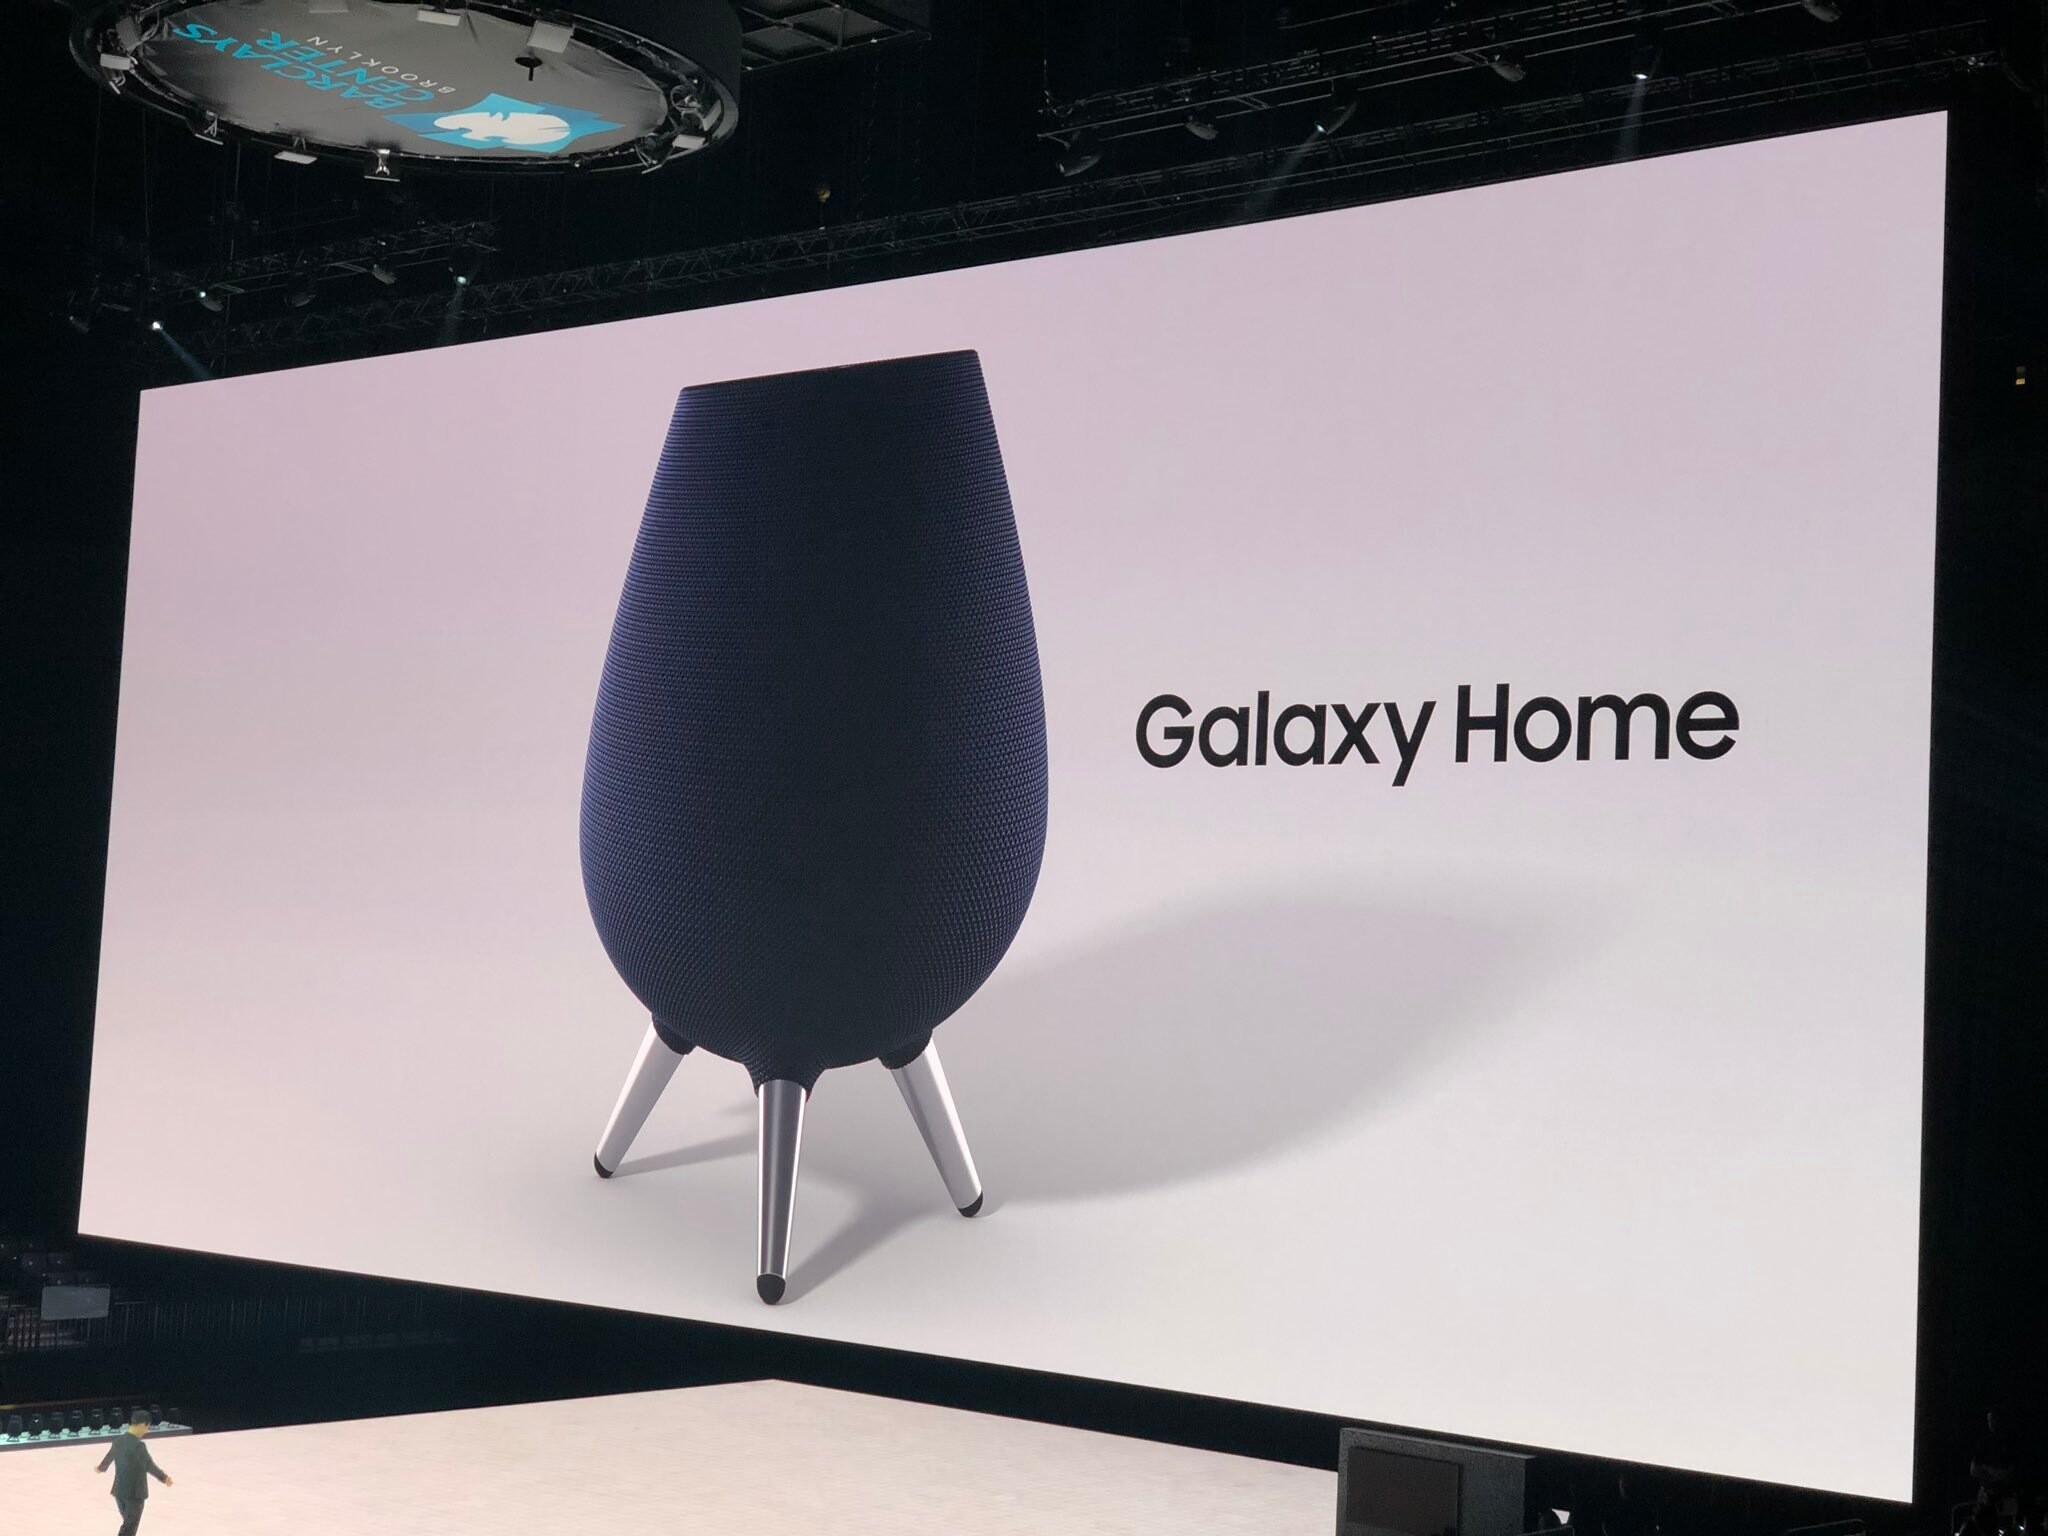 Samsung представила «умную» колонку Galaxy Home. Её сравнили с грилем, сосудом для кумыса и вазой из «Прометея»